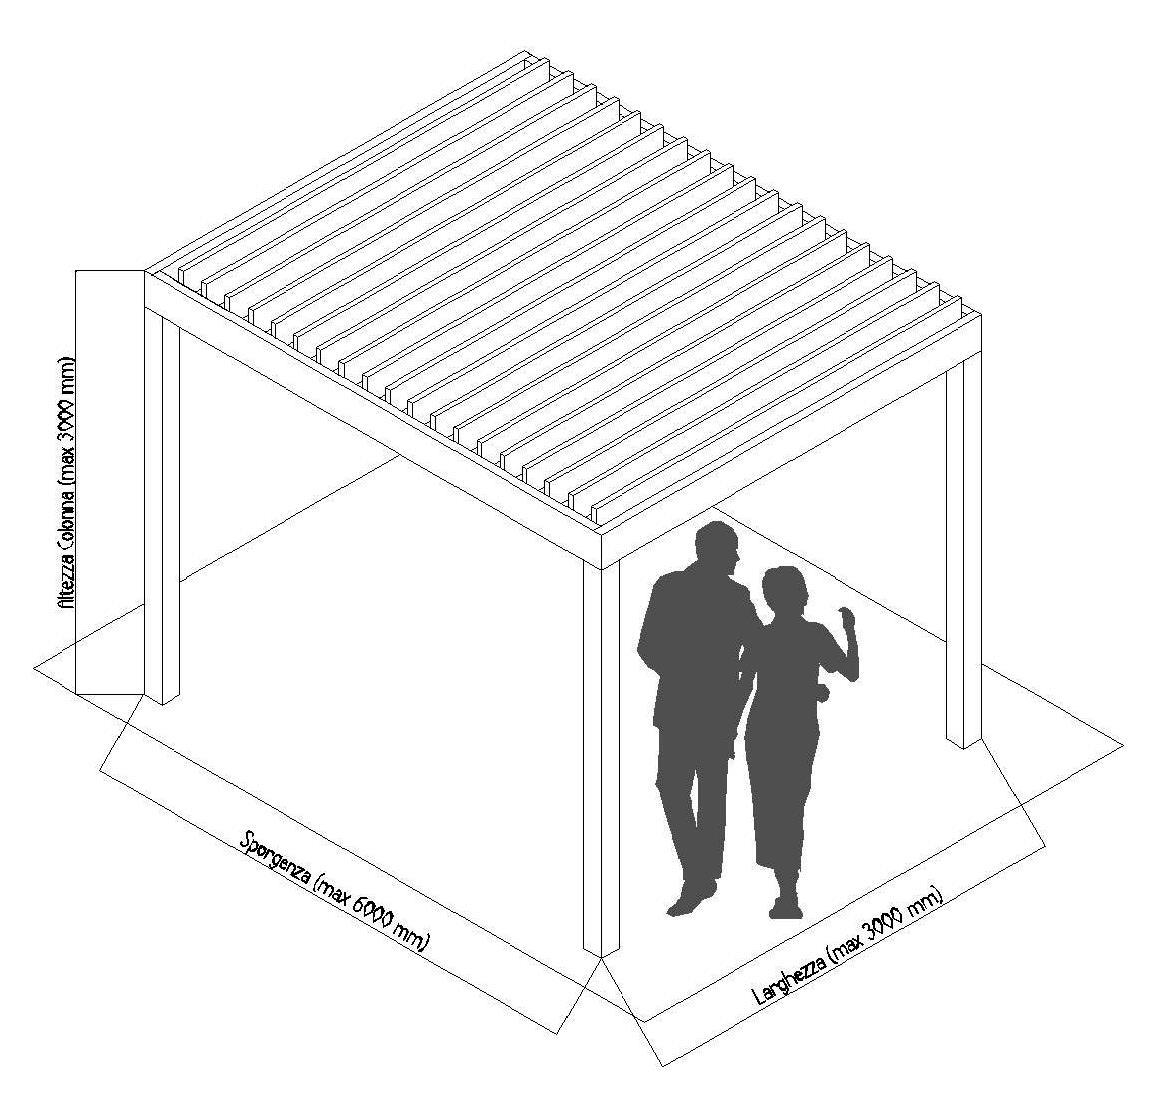 Configurazioni Pergola Bioclimatica Bioeclisse con pale frangisole. Installazione a Padova, Verona, Venezia, Vicenza e Treviso. Stameat srl